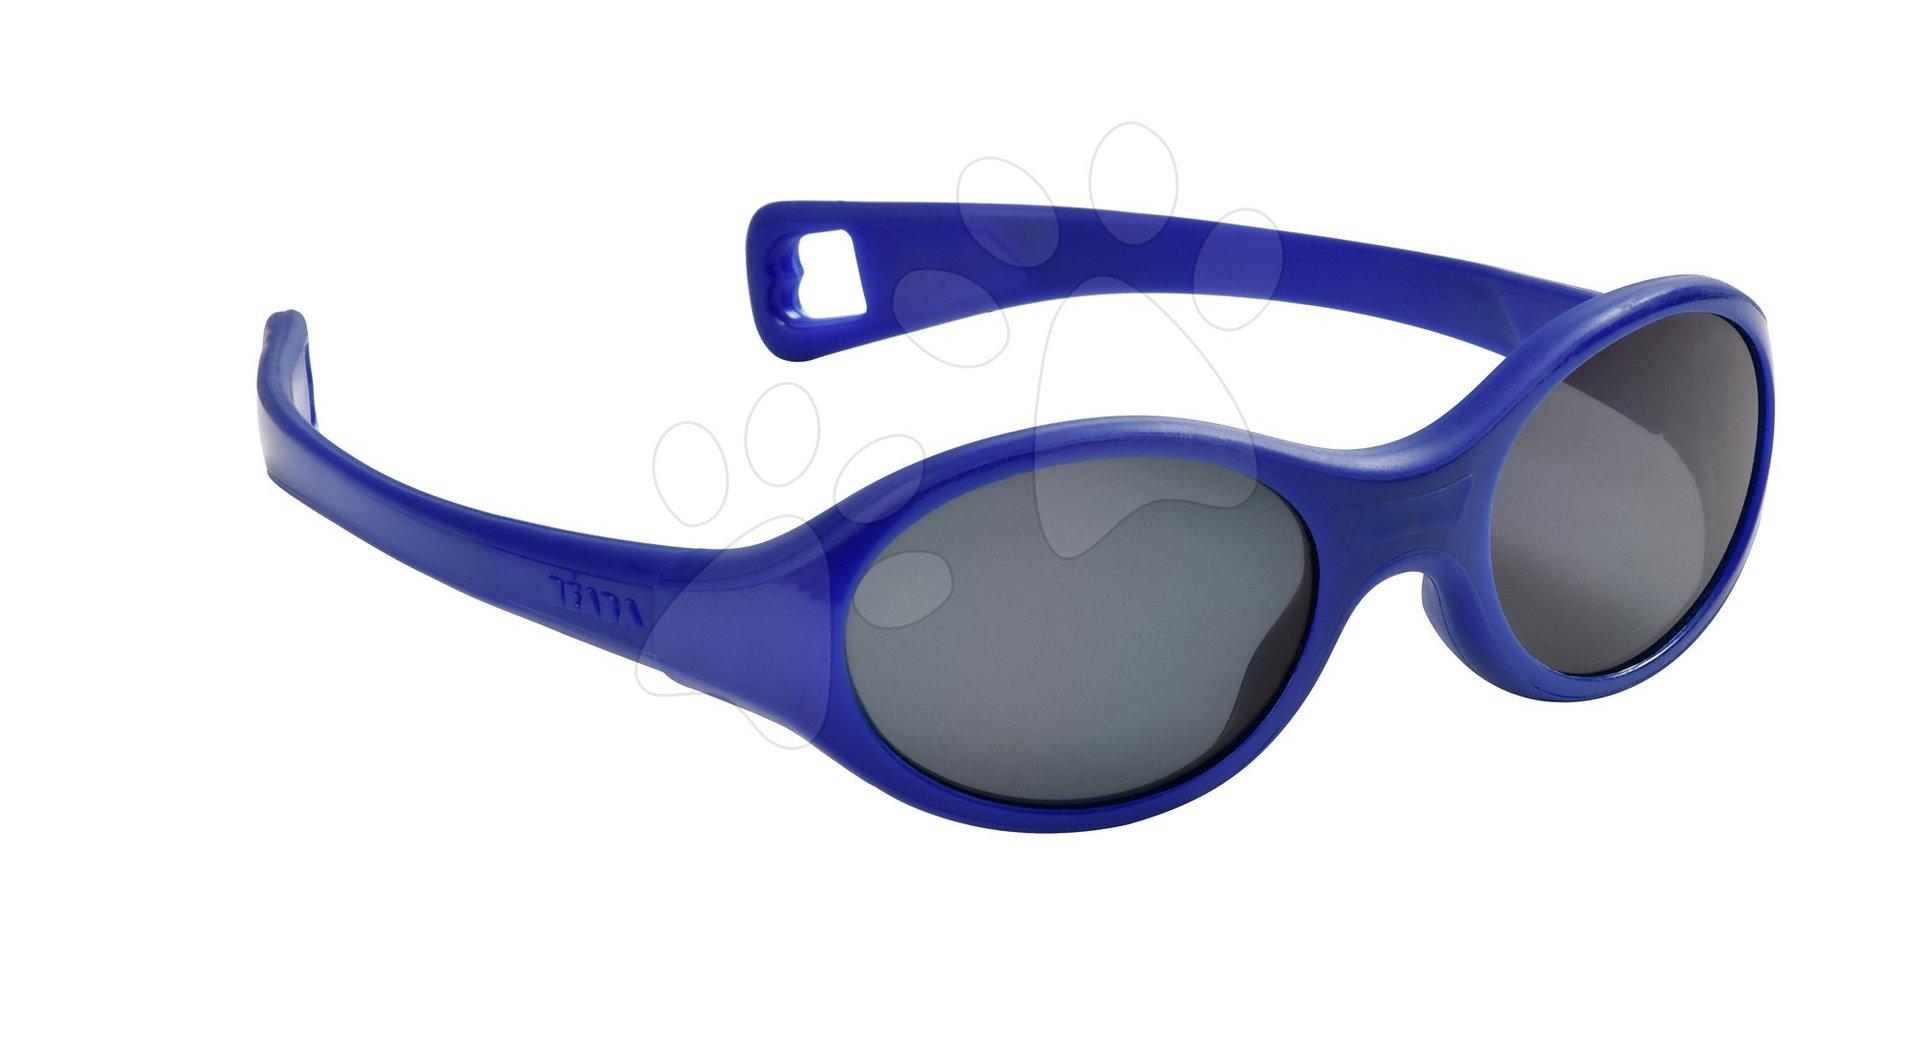 Dětské sluneční brýle Beaba Kids M od 12 měsíců s UV filtrem 3 modré